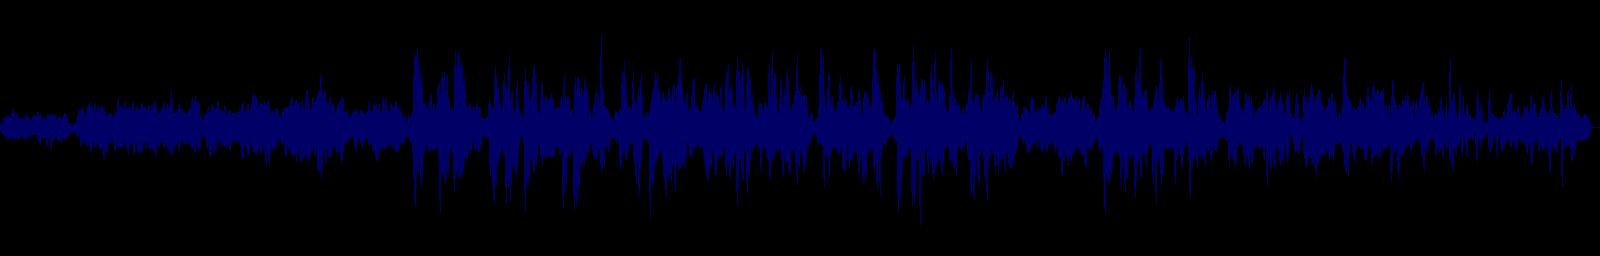 waveform of track #138747